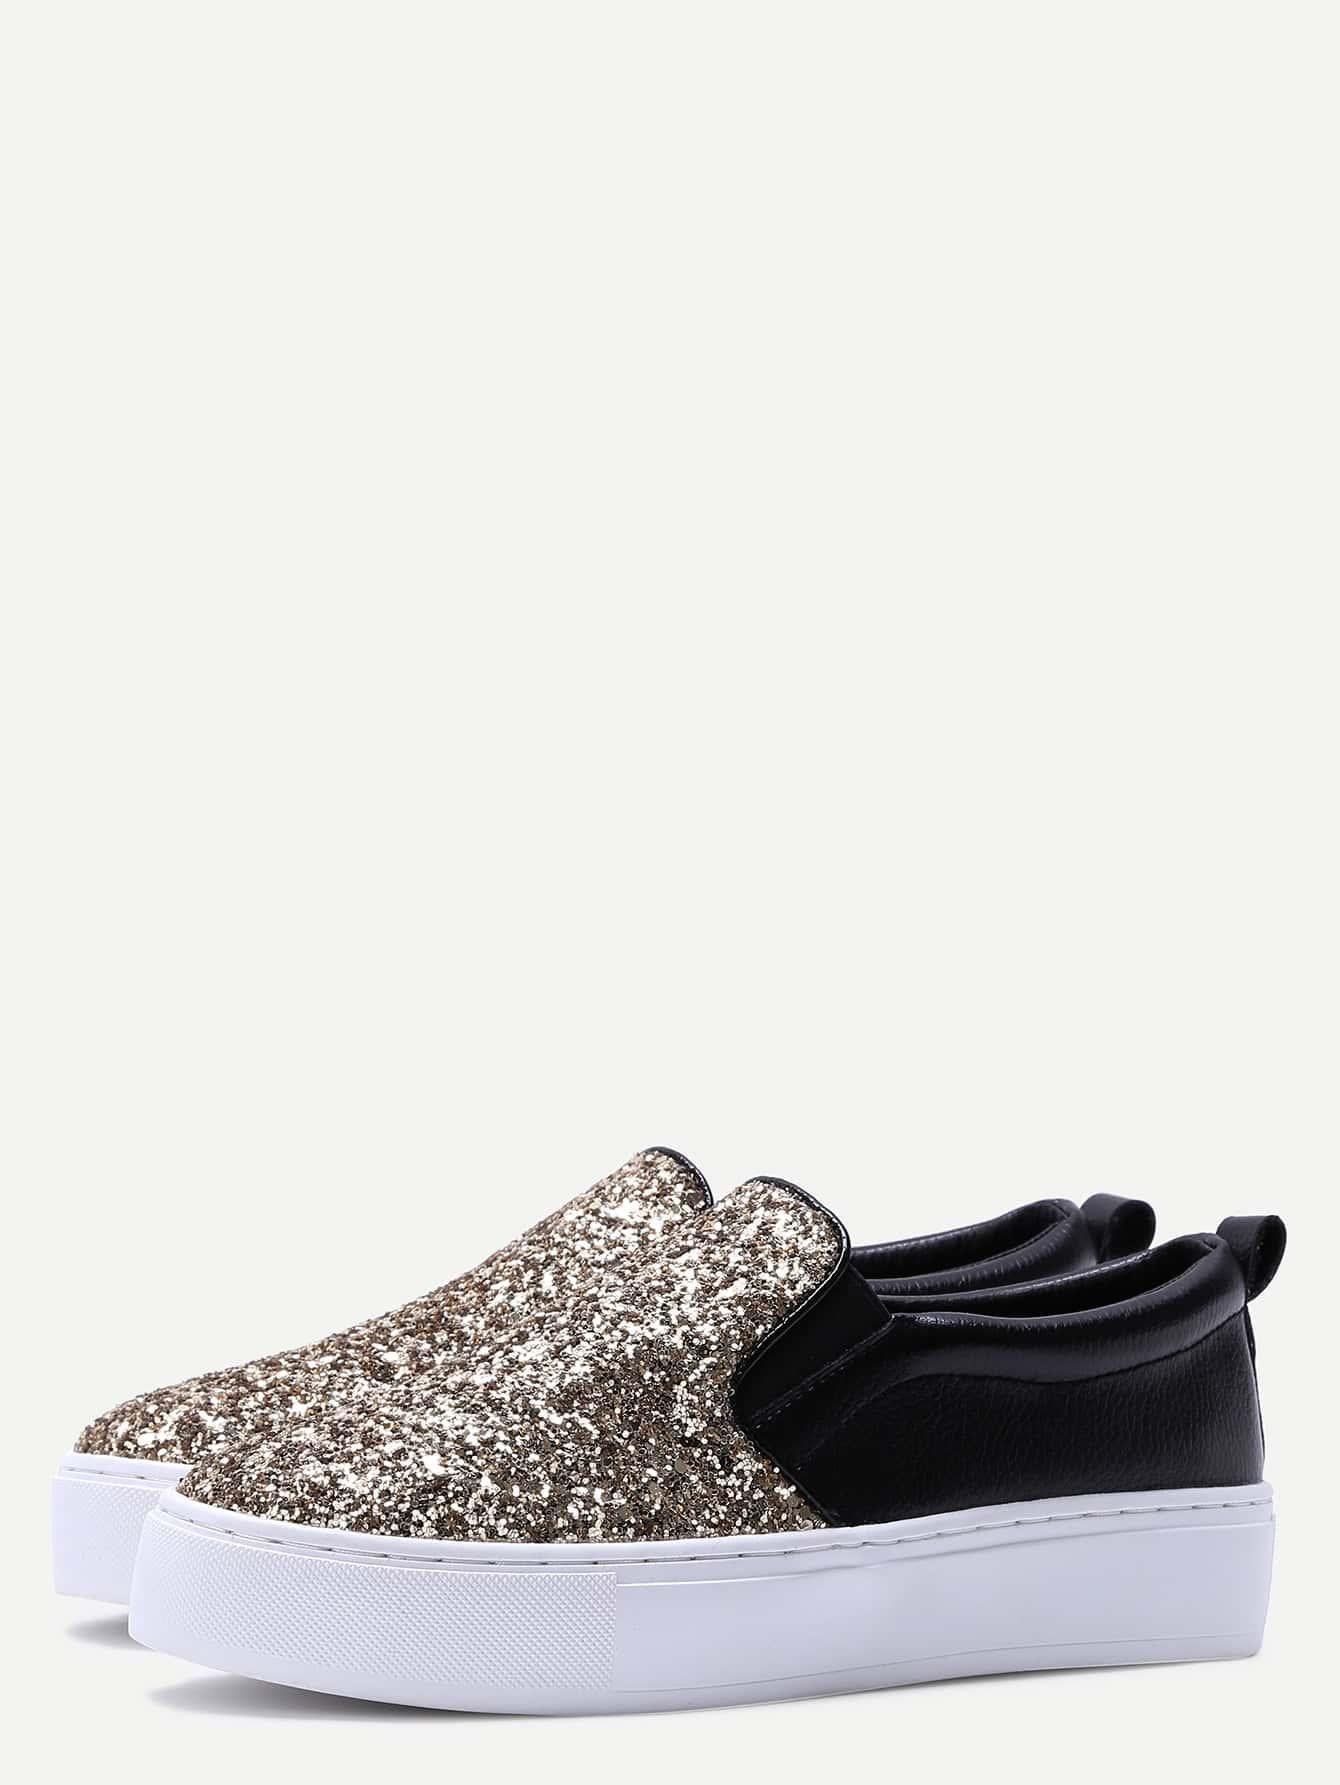 shoes161223802_2